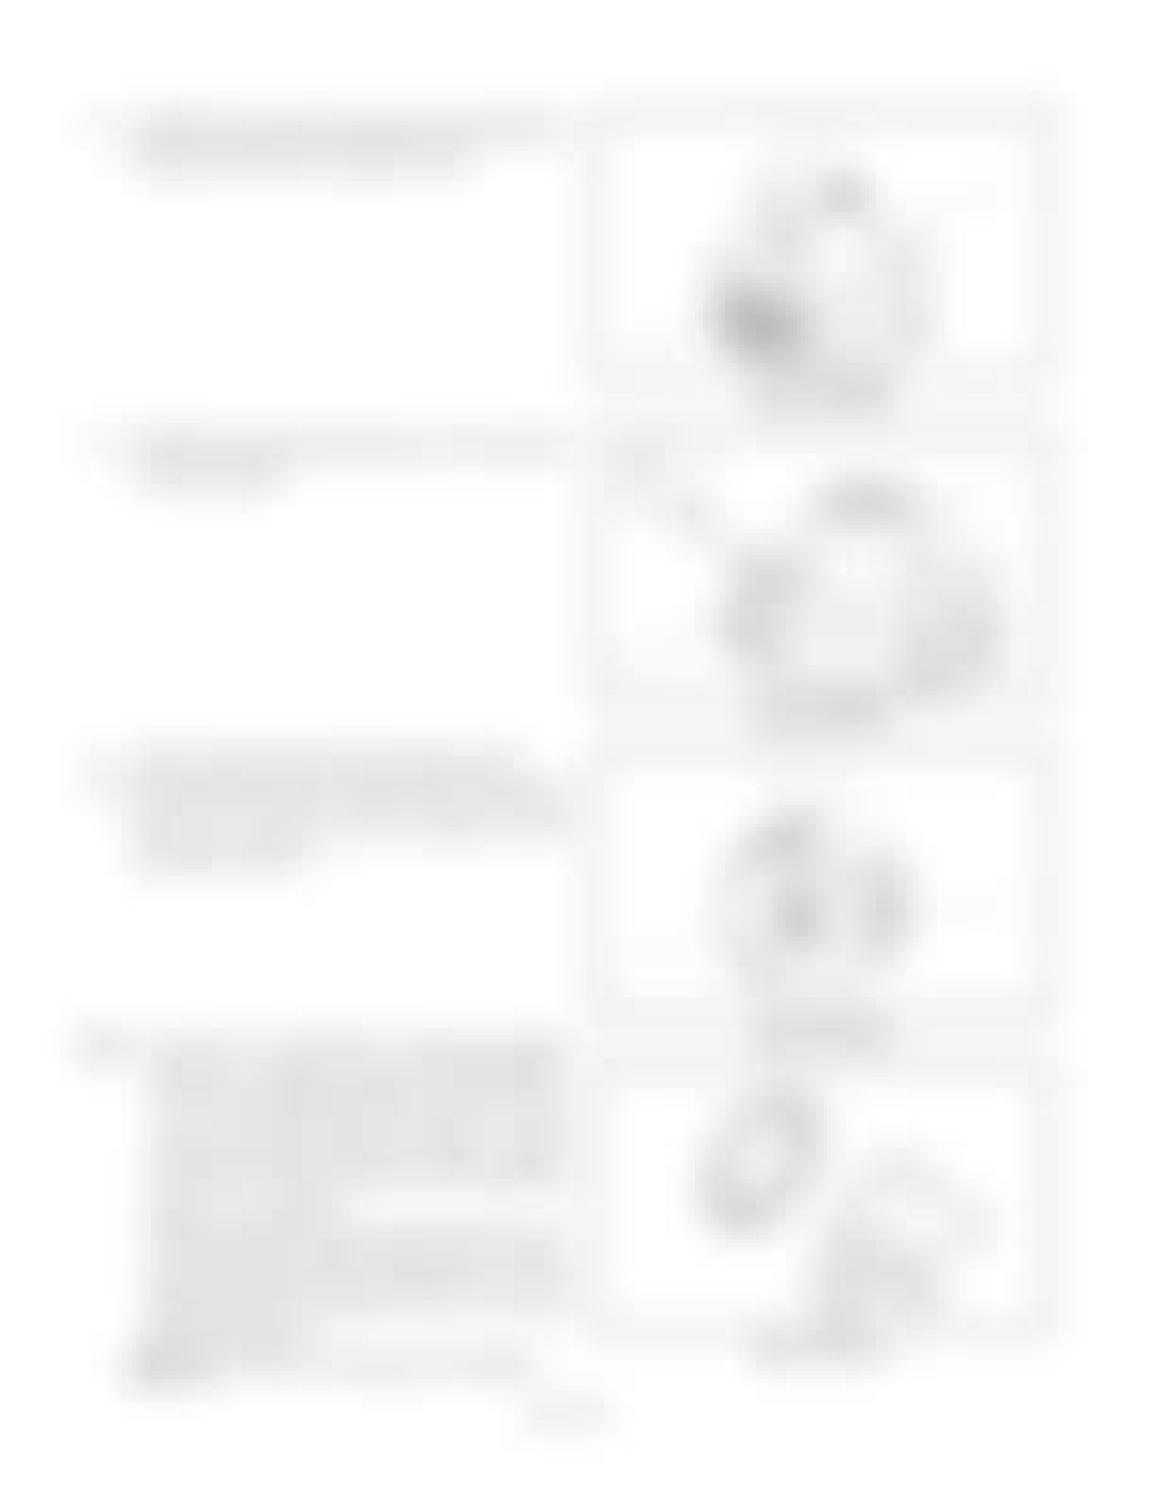 Hitachi LX110-7 LX130-7 LX160-7 LX190-7 LX230-7 Wheel Loader Workshop Manual - PDF DOWNLOAD page 248